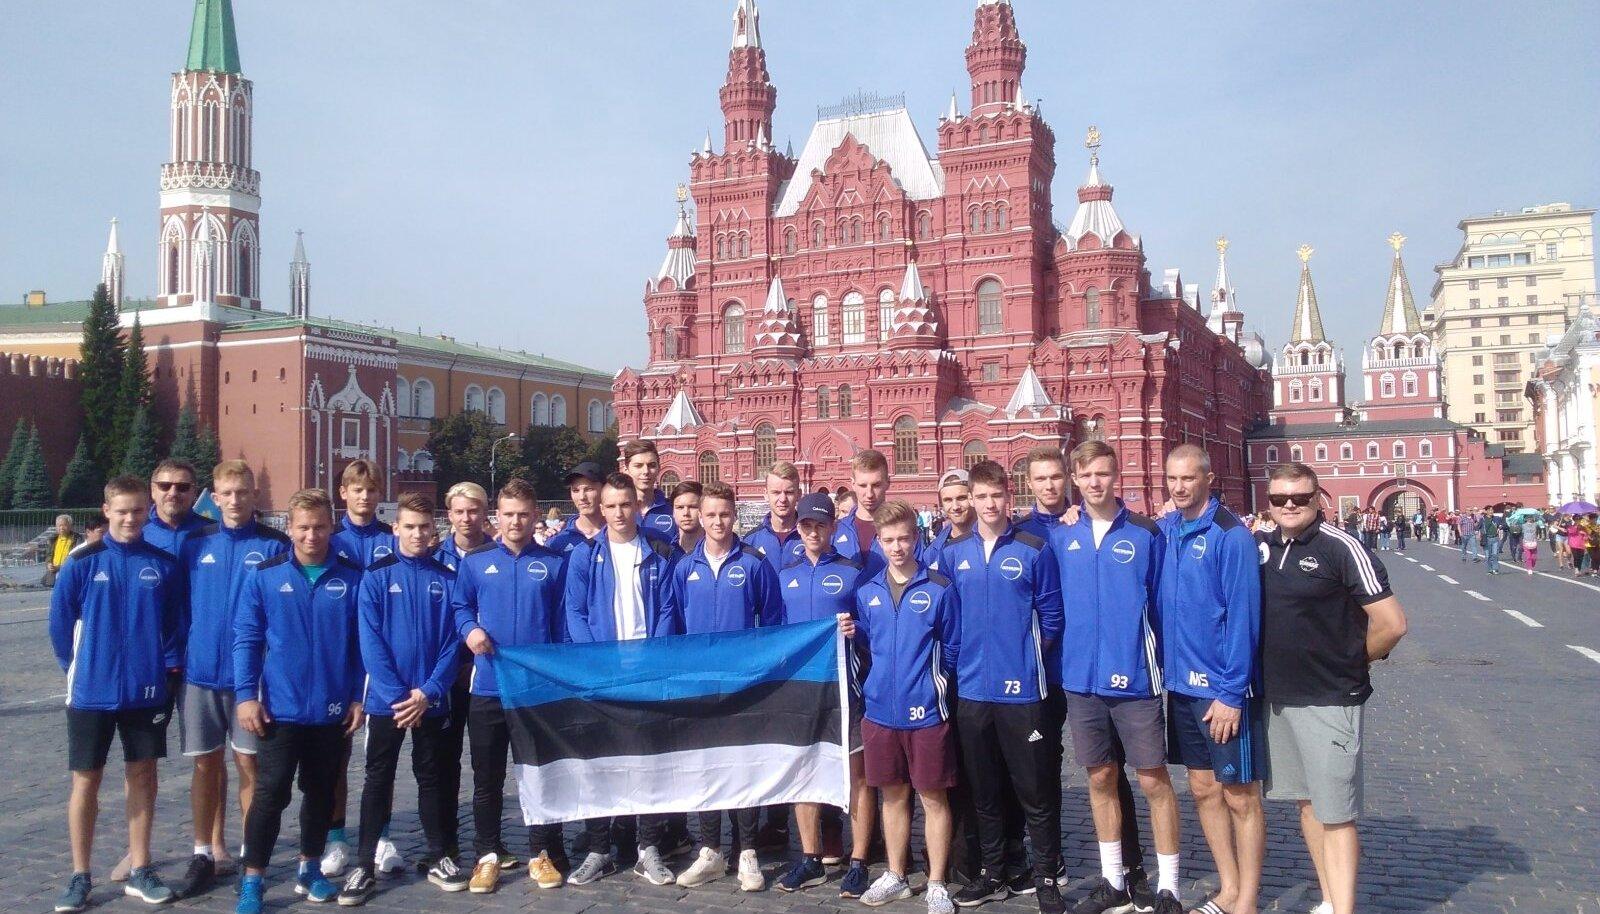 Fotomeenutus 2018 Moskva MM-valikturniirillt, kus Eesti 6:6 viigi tõttu võõrustajatega väravatevahega edasi ei pääsenud.